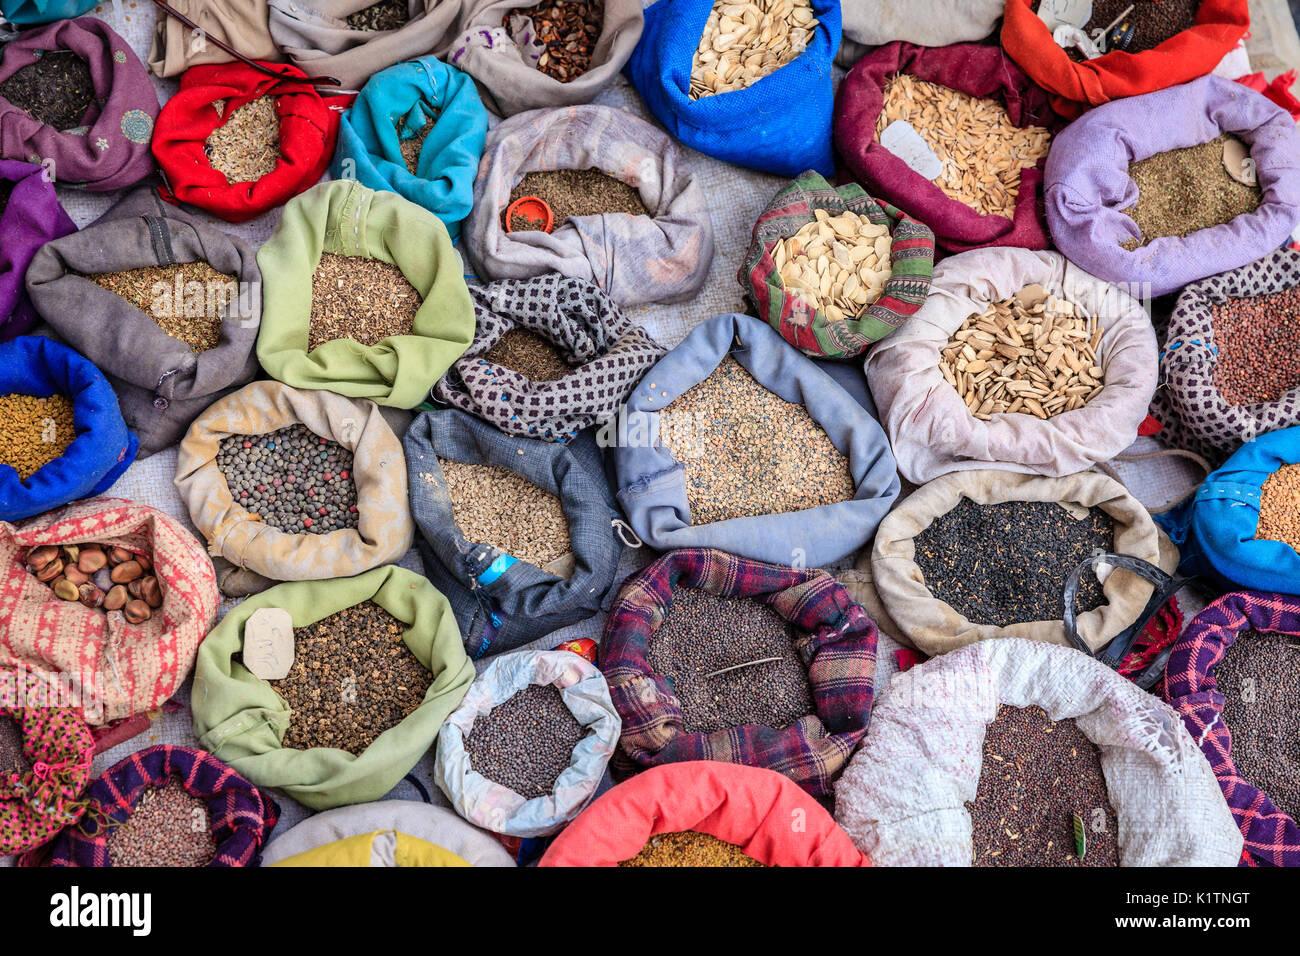 Beutel mit Gewürzen auf einem Straßenmarkt in Leh, Ladakh Bezirk von Kaschmir, Indien Stockbild